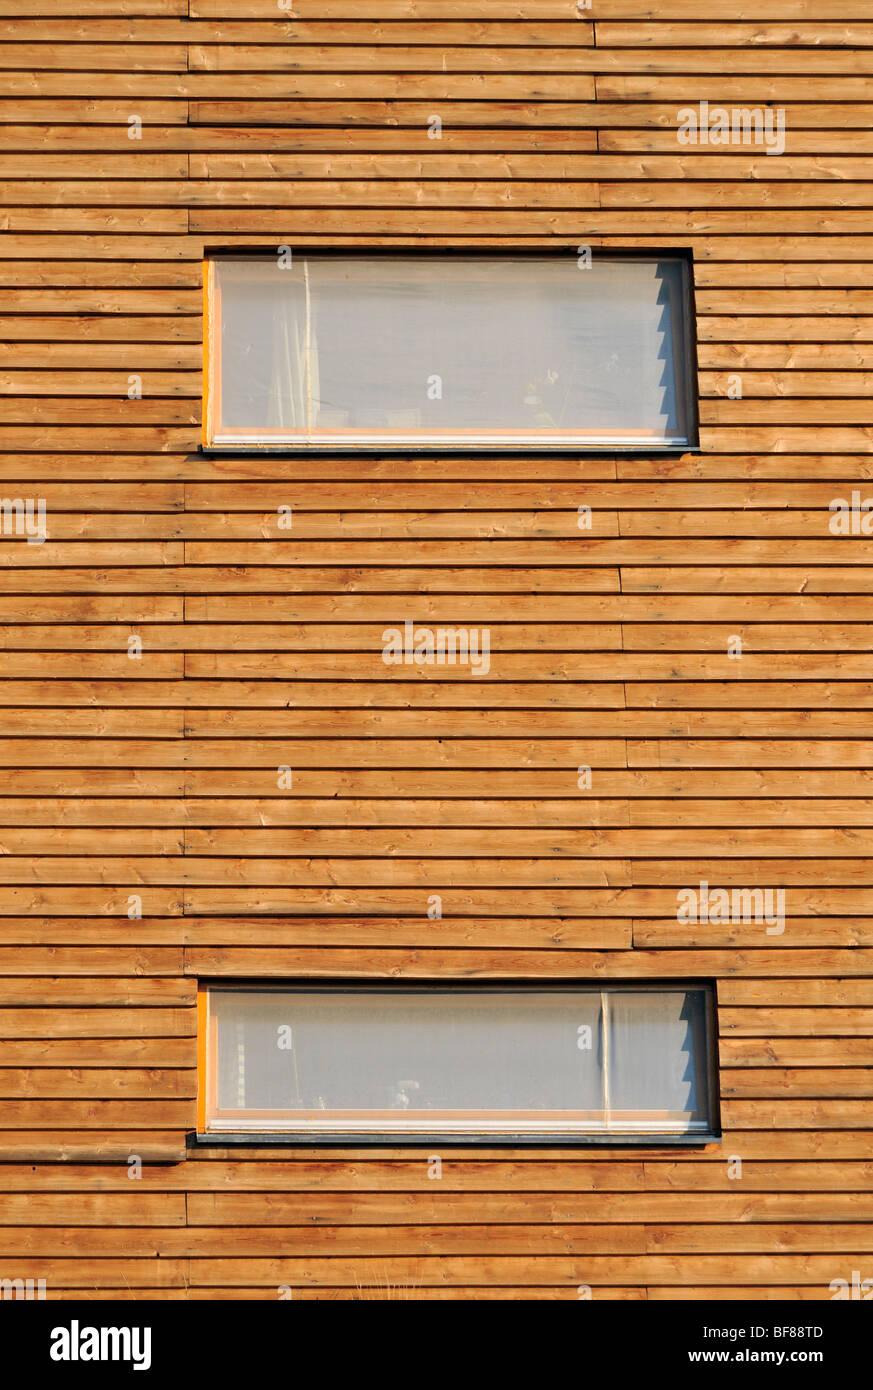 Architektonisches Detail Fenster auf hölzernen Fassade des nachhaltigen Gebäude des Slunakov Eco Center Stockbild